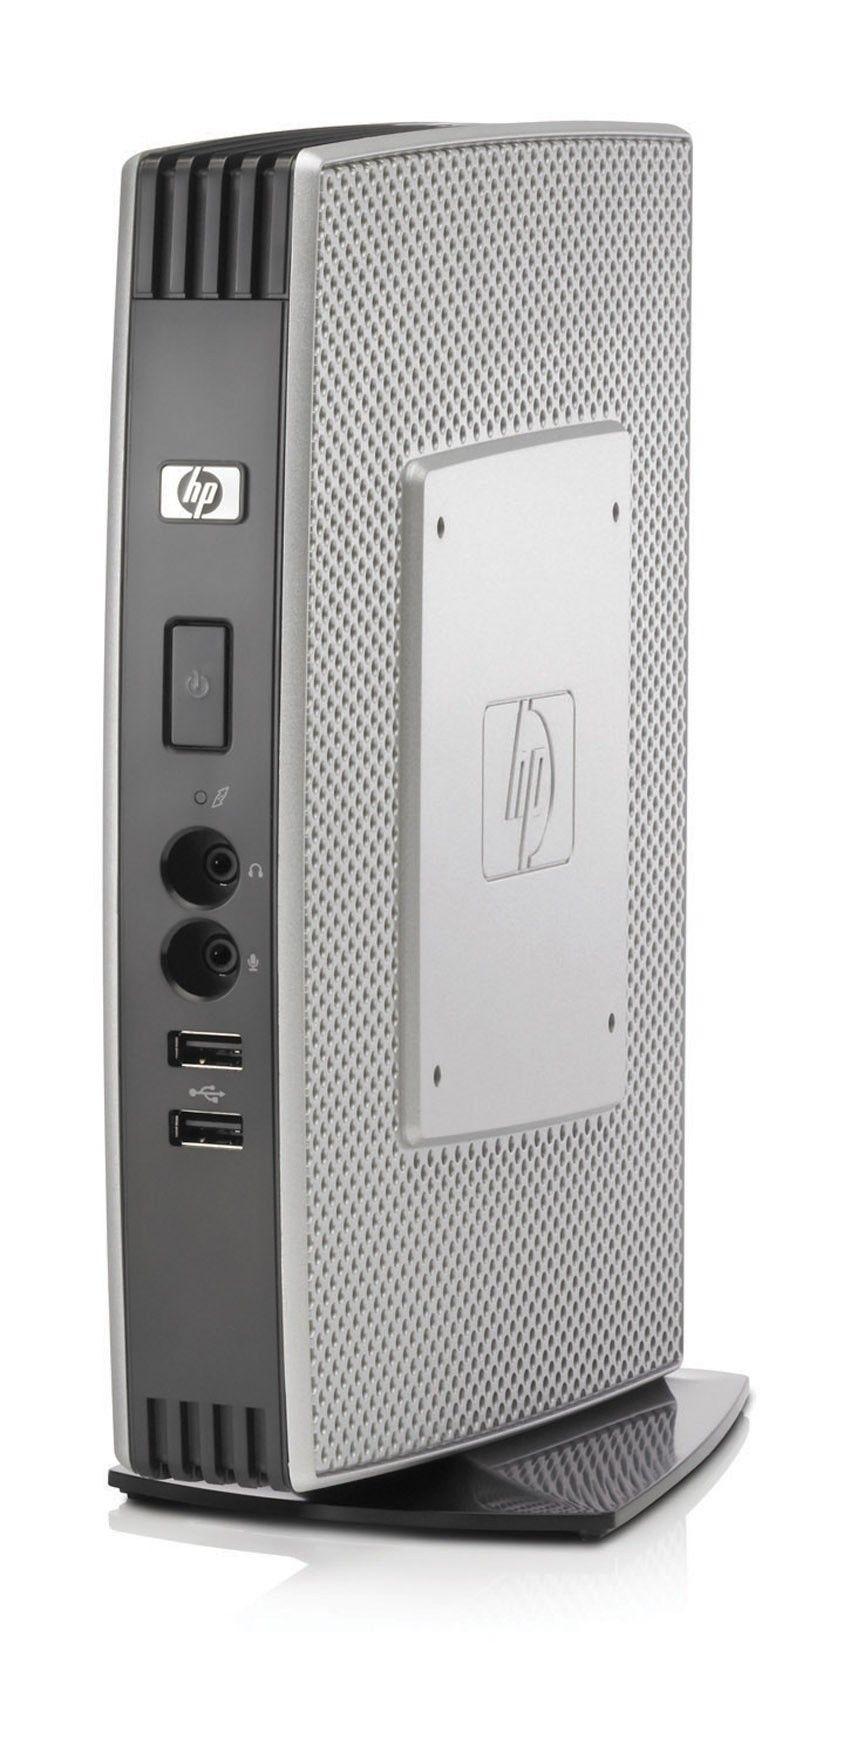 Тонкий клиент HP t5335z Zero Client